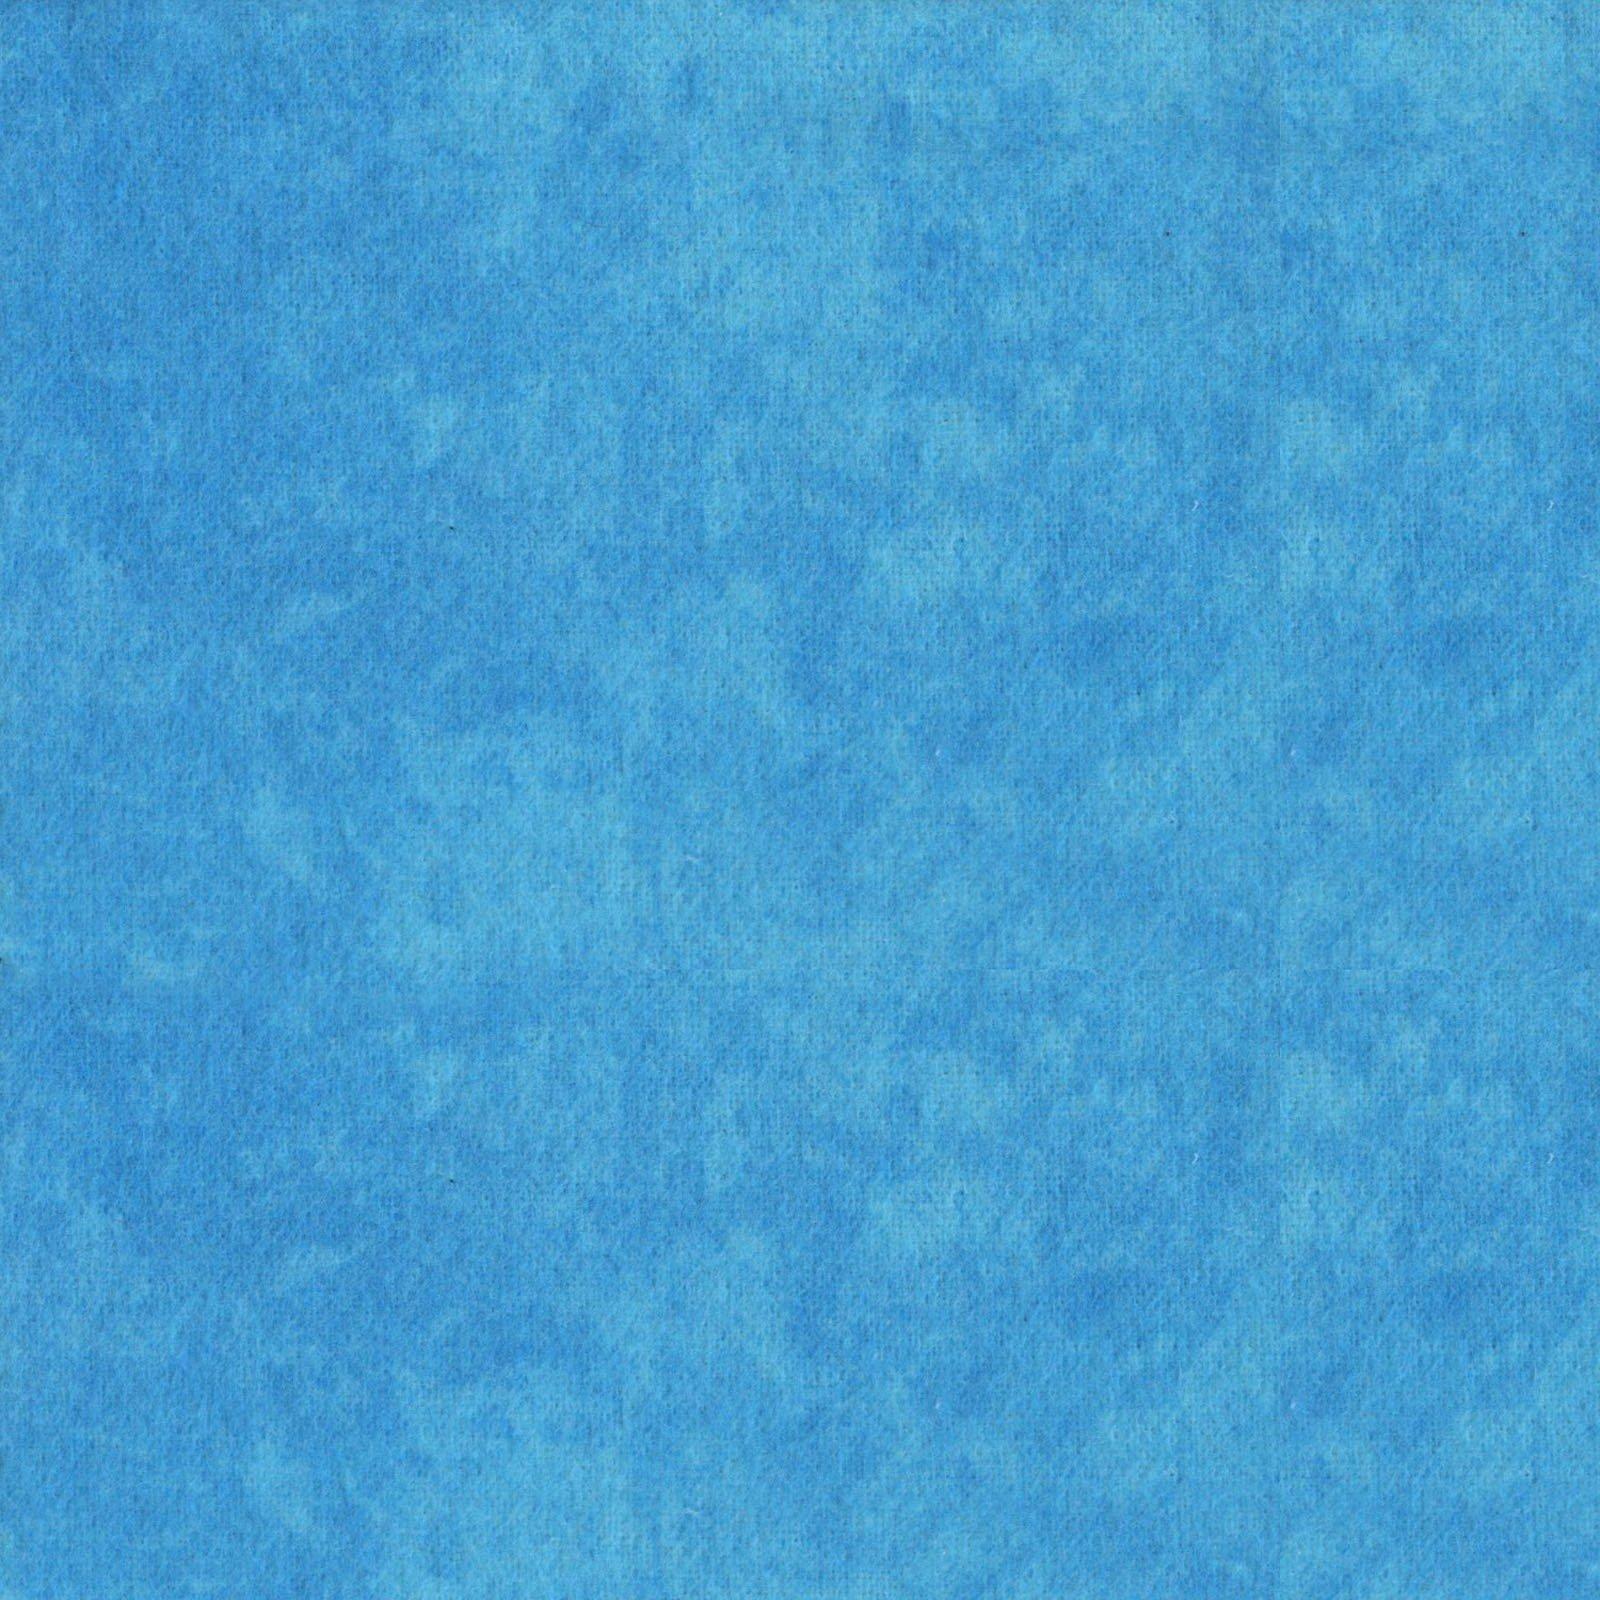 Shadow Play Flannel - MASF513-B25